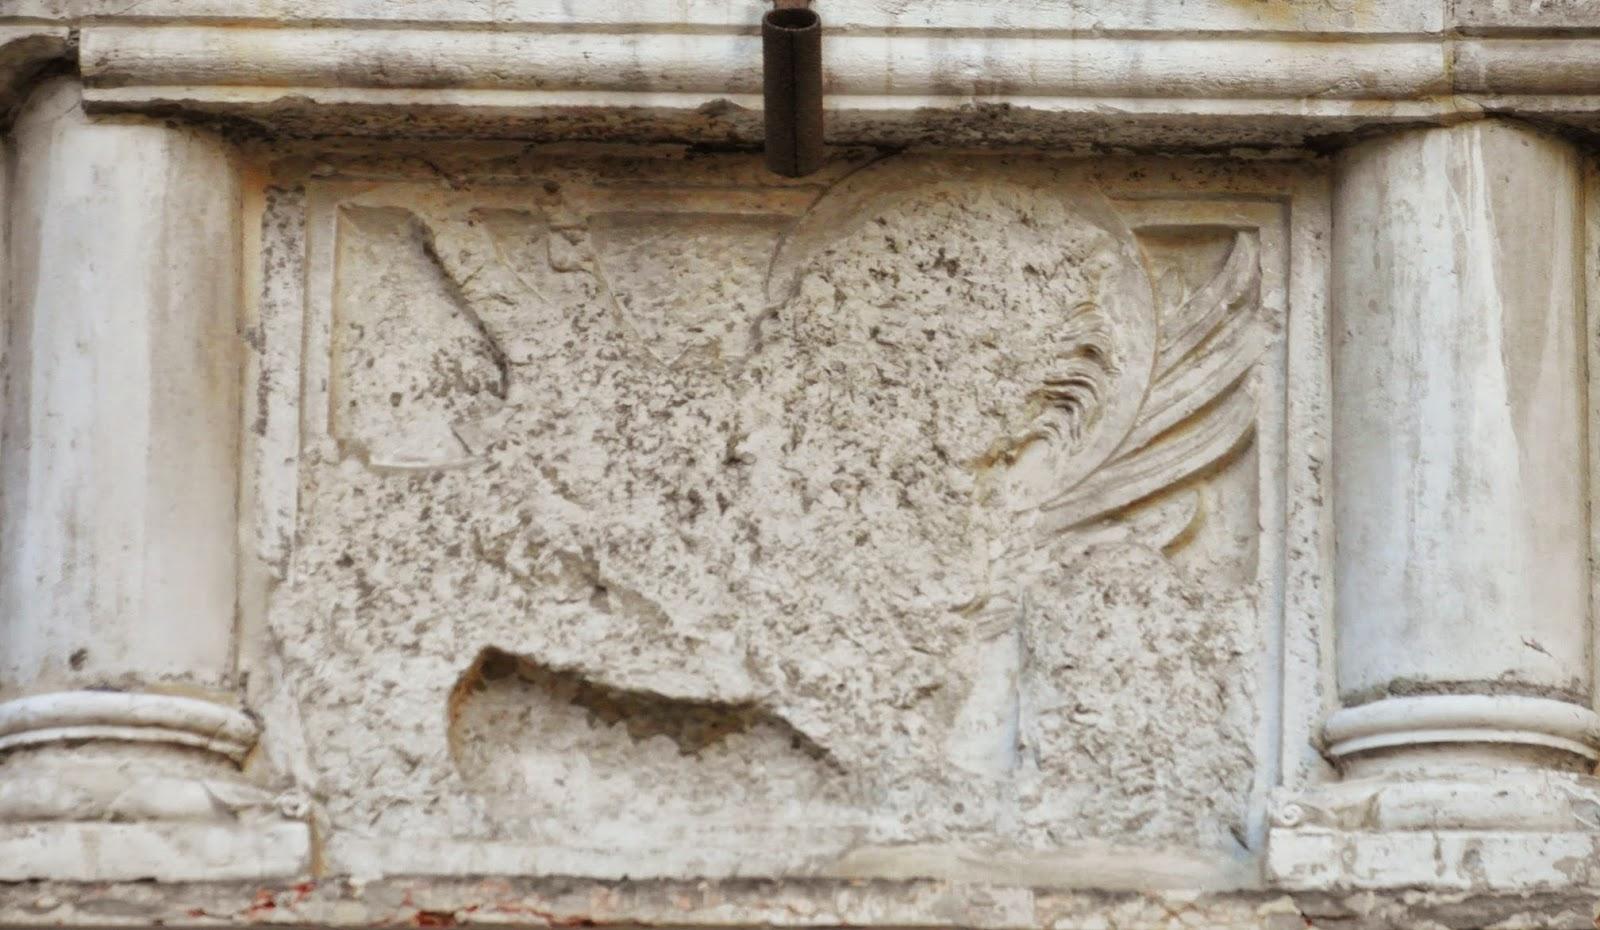 Defaced leone marciano, Campo SM Mater Domini, Venice